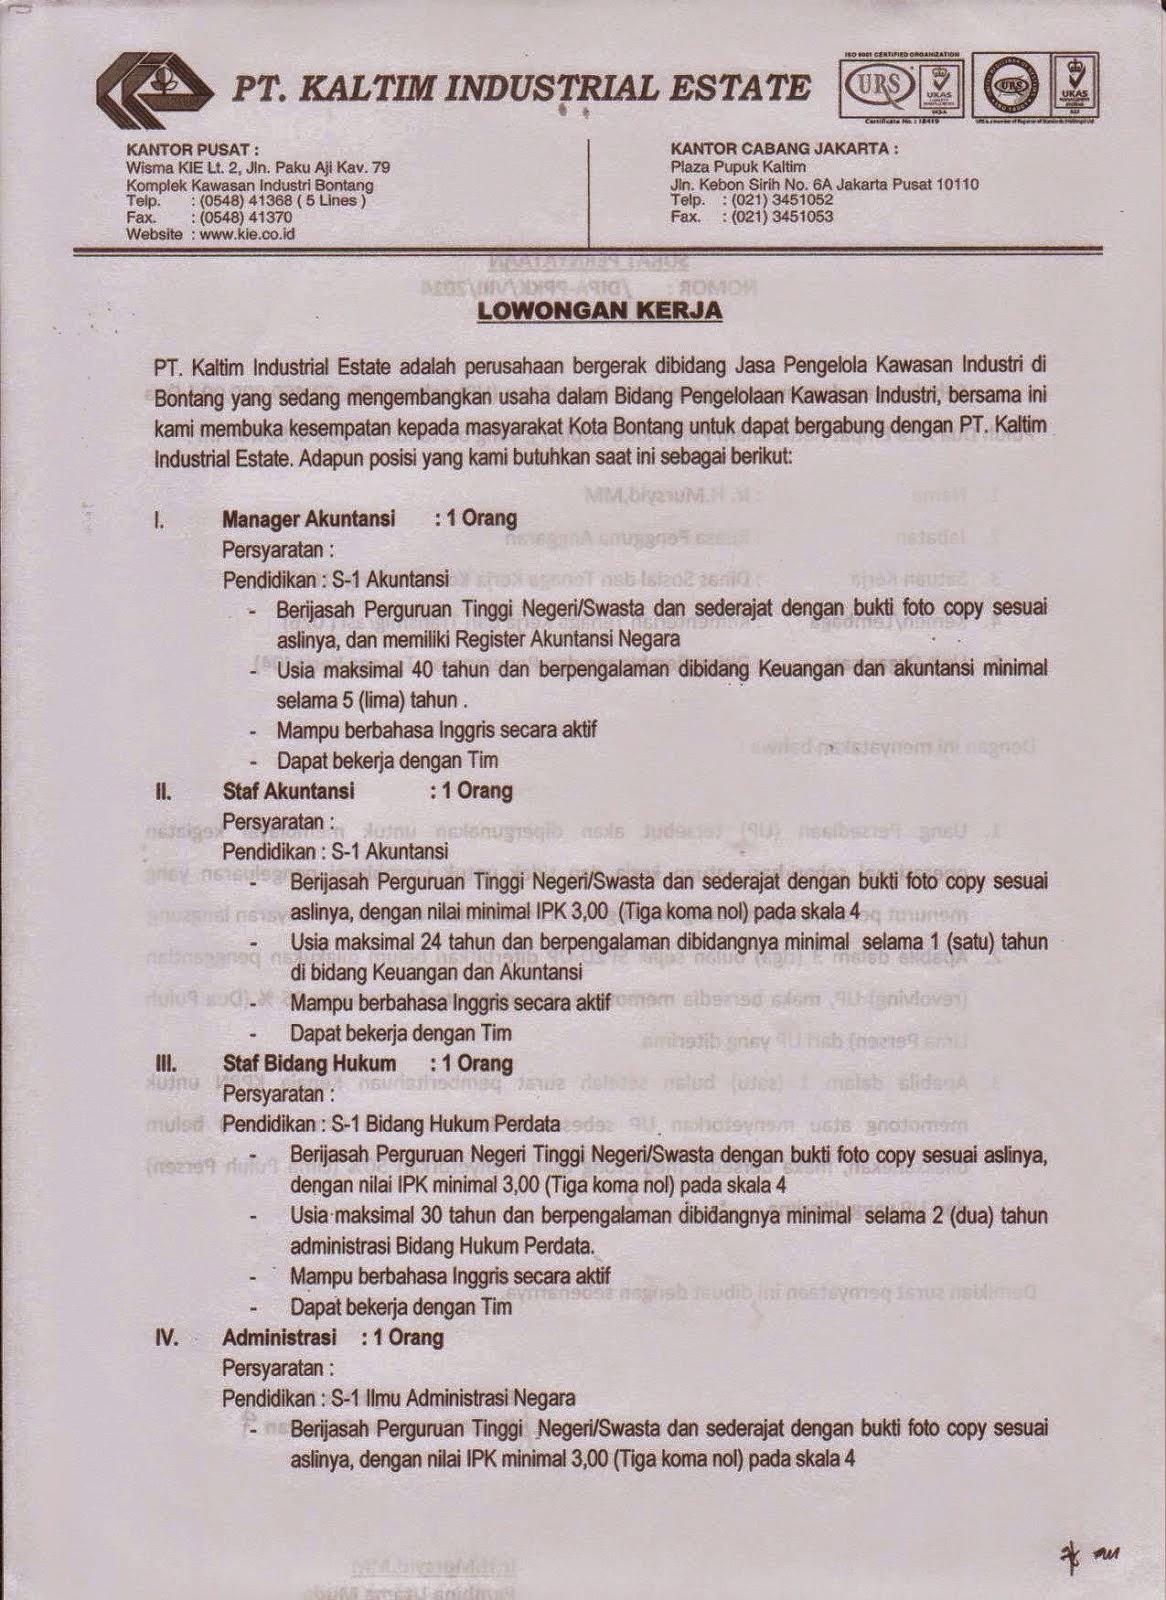 Lowongan Kerja S-1 Akutansi dan Hukum PT KIE Bontang